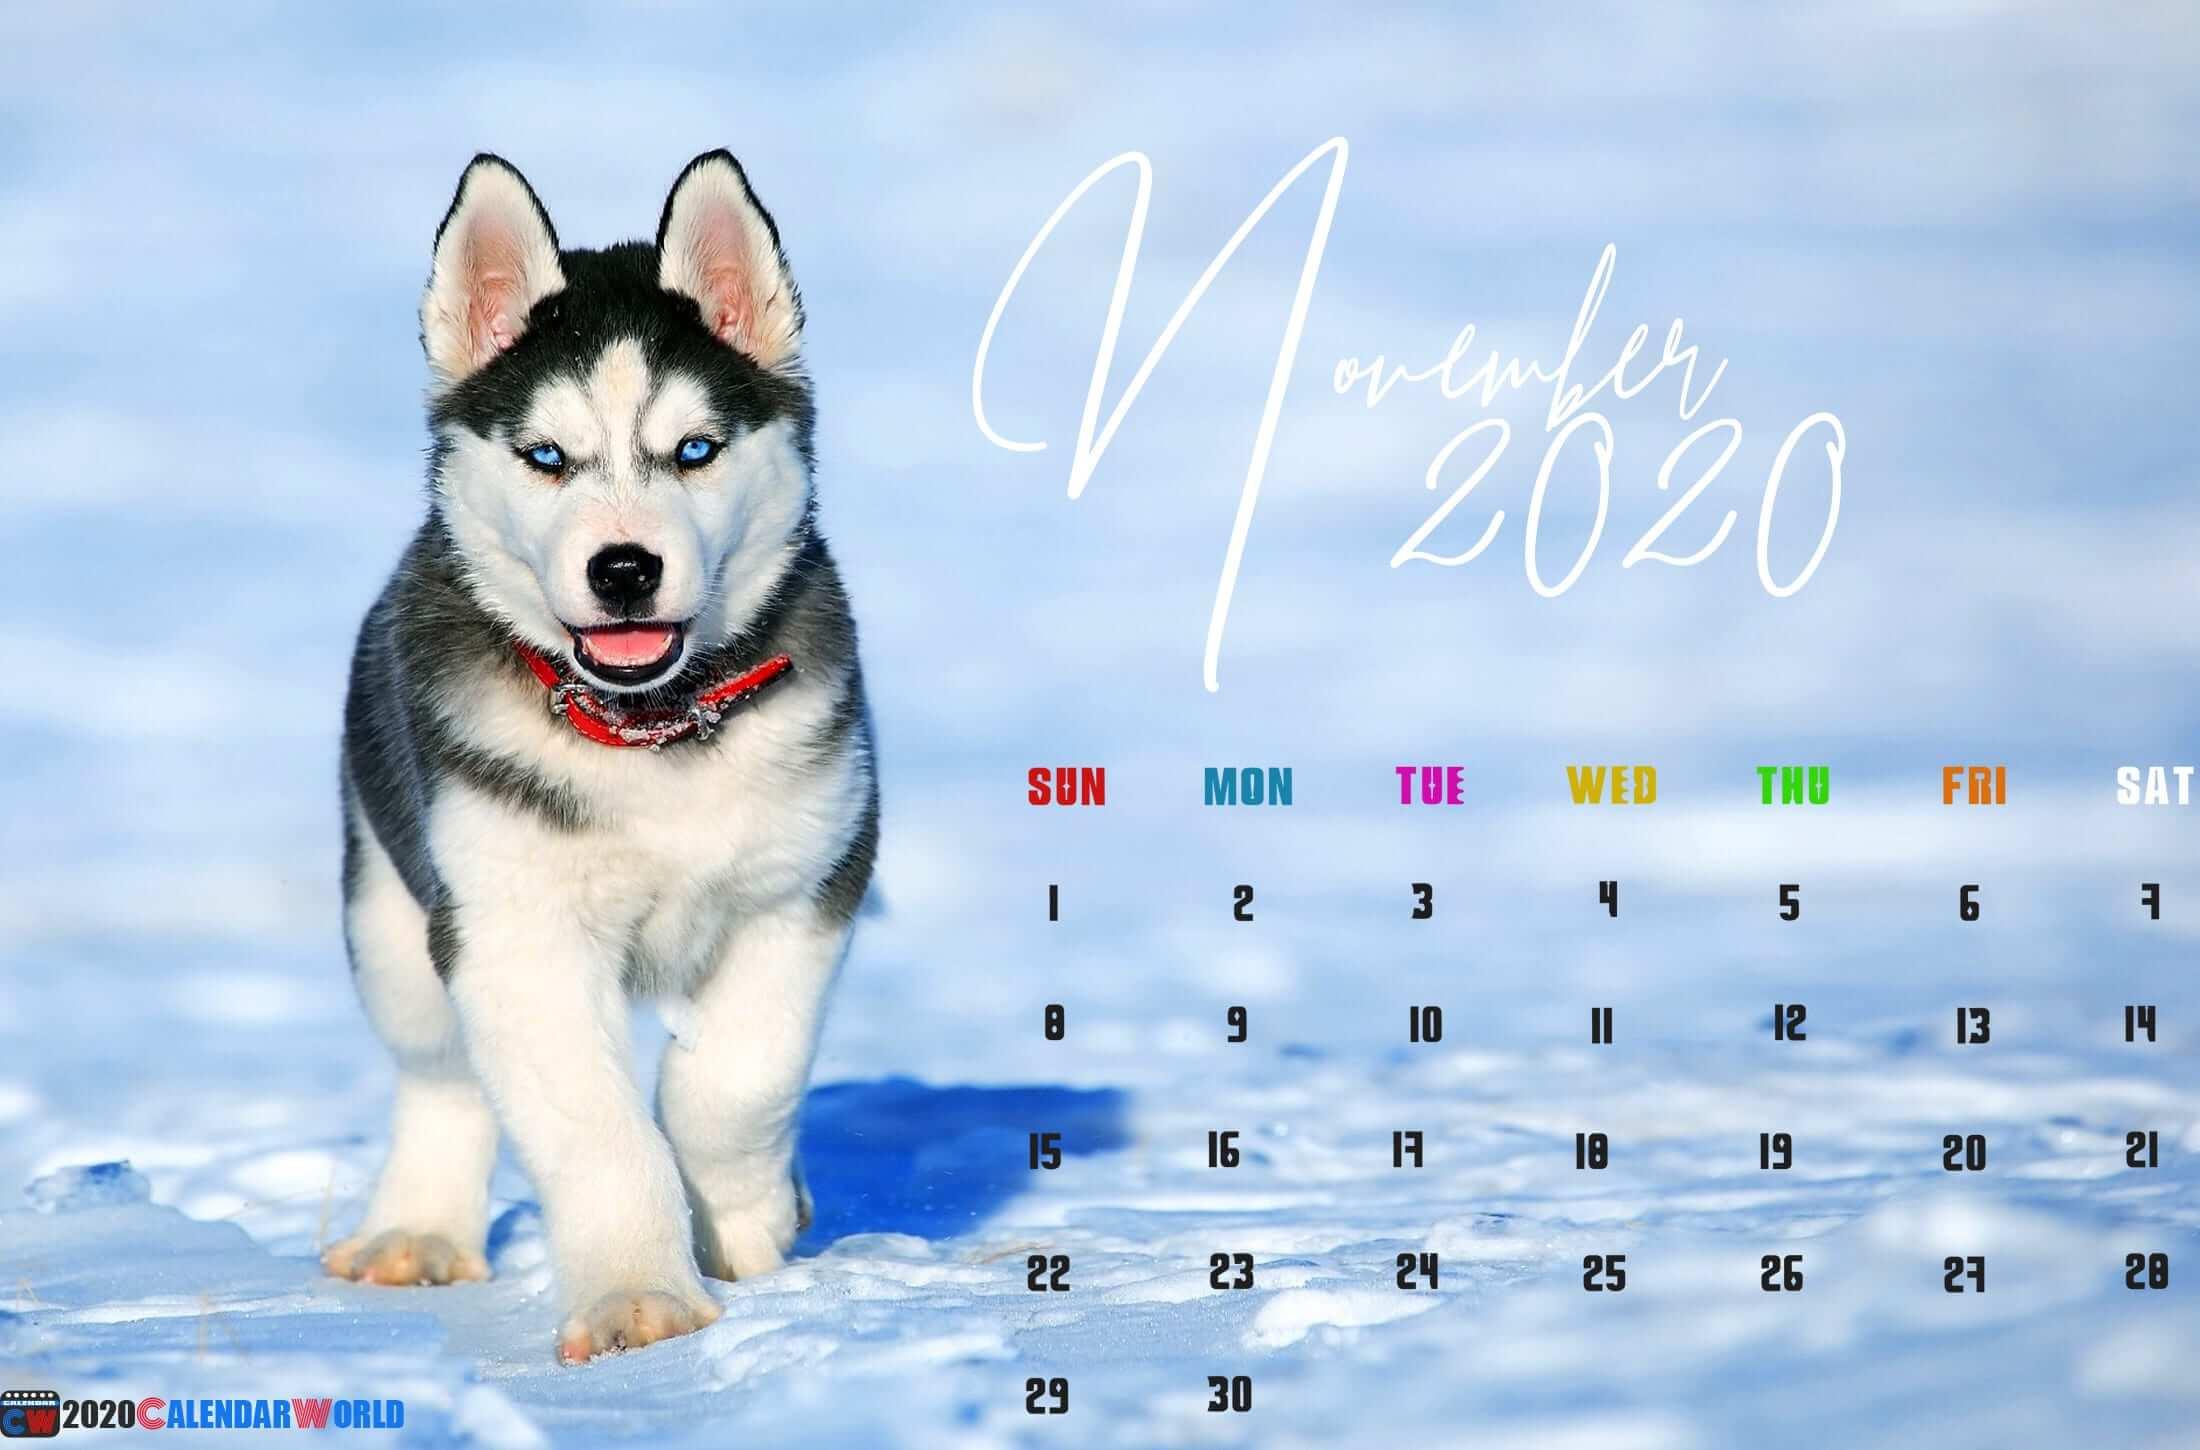 November 2020 Calendar Wallpaper for Desktop